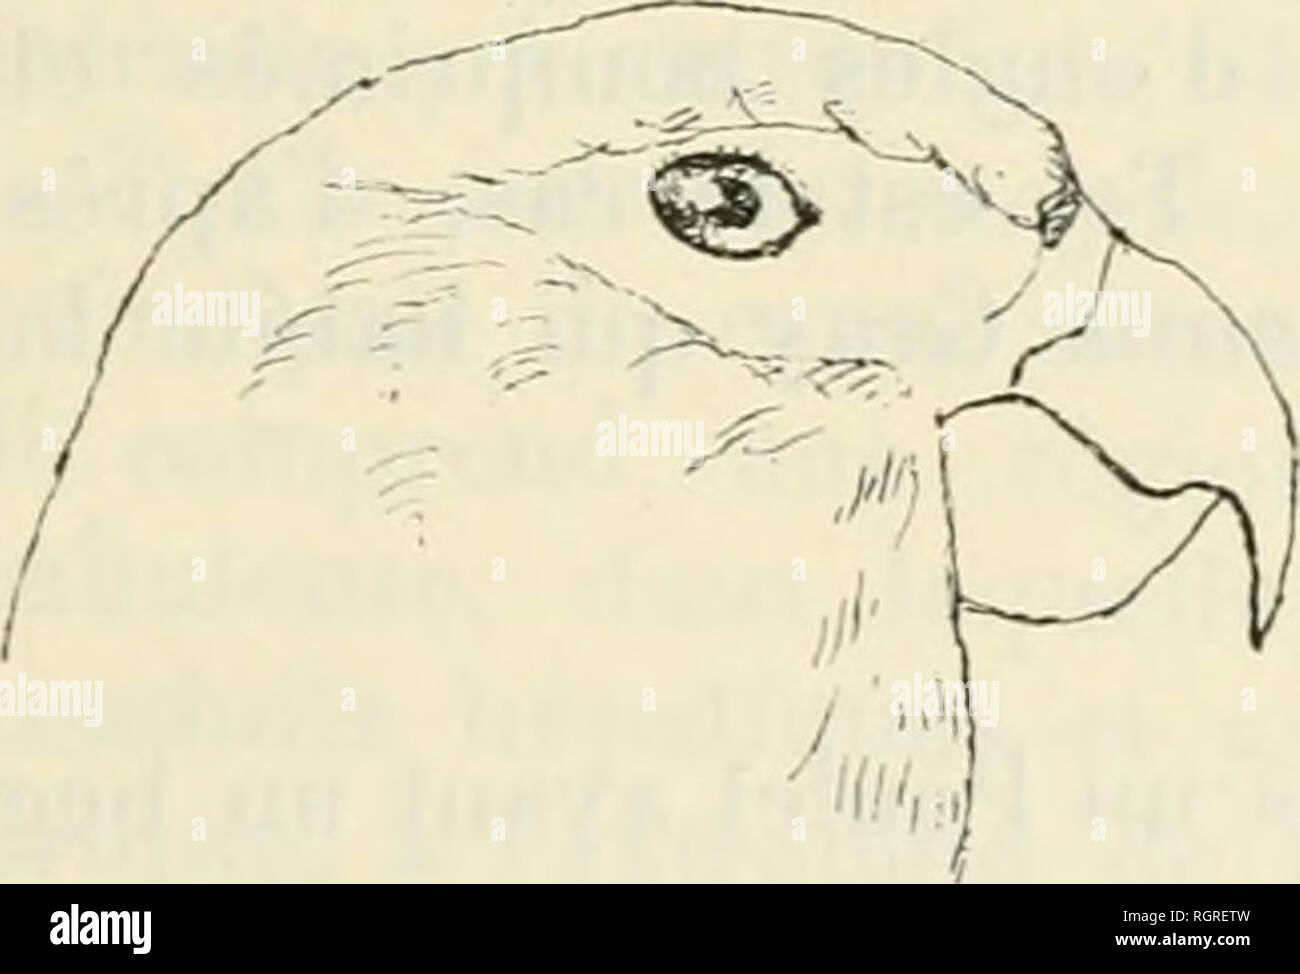 """. Bulletin de la Société zoologique de France. Zoologie. DU 24 SÃANCE DKCE.MllllK 1907 165 3. _^Gk k,,: ELMINIUS E. plicatus J. E. Gray. Sur coquille d'IIiiitre. Rochers des Praslins et sur fraguients de roches provenant des iles CoÃ""""Tite-Live (archipel des Seychelles). E. Darw simplex. Lubrification de Serpulien sur. Rochers de car- gados Carajos. 4. - Genrk CREUSIA. Ch. sphiulosa; Leach Sur Madrépores. Banc de Saya de Malha, par oO mîtres de fond. SUR UNE PERRUCHE PRÃSENTANT DÃFORMATION UNE CURIEUSE DU BEC PAR E. TROUESSART M. Trouessart présente, de la part de M, Petit ahié, qui s'excuse de ne pouvoi Banque D'Images"""